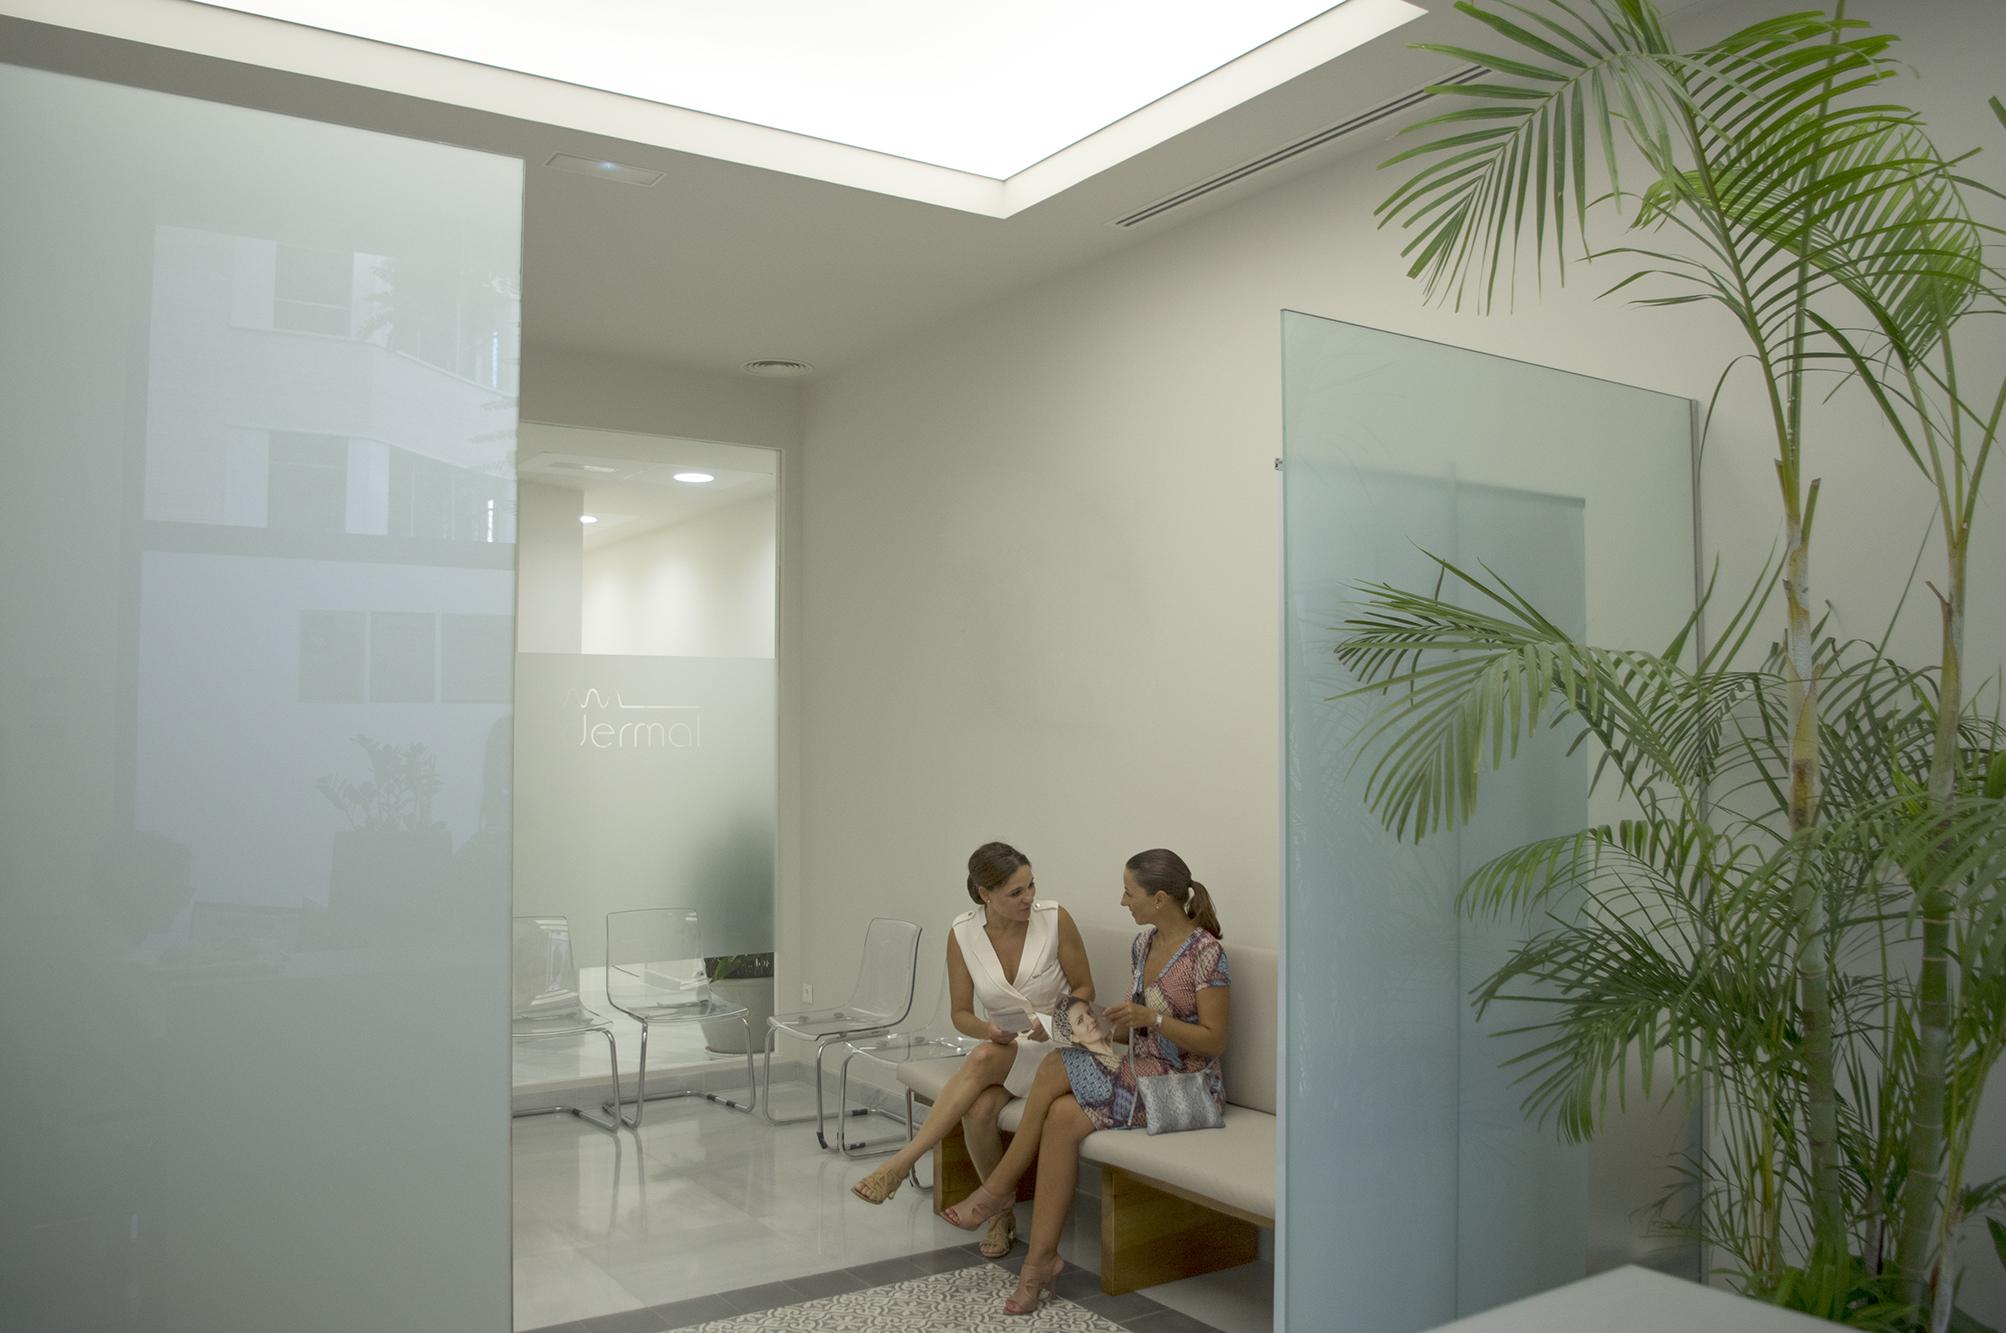 clínica dermal, instalación de sistema de conductos de khoinsa aire acondicionado